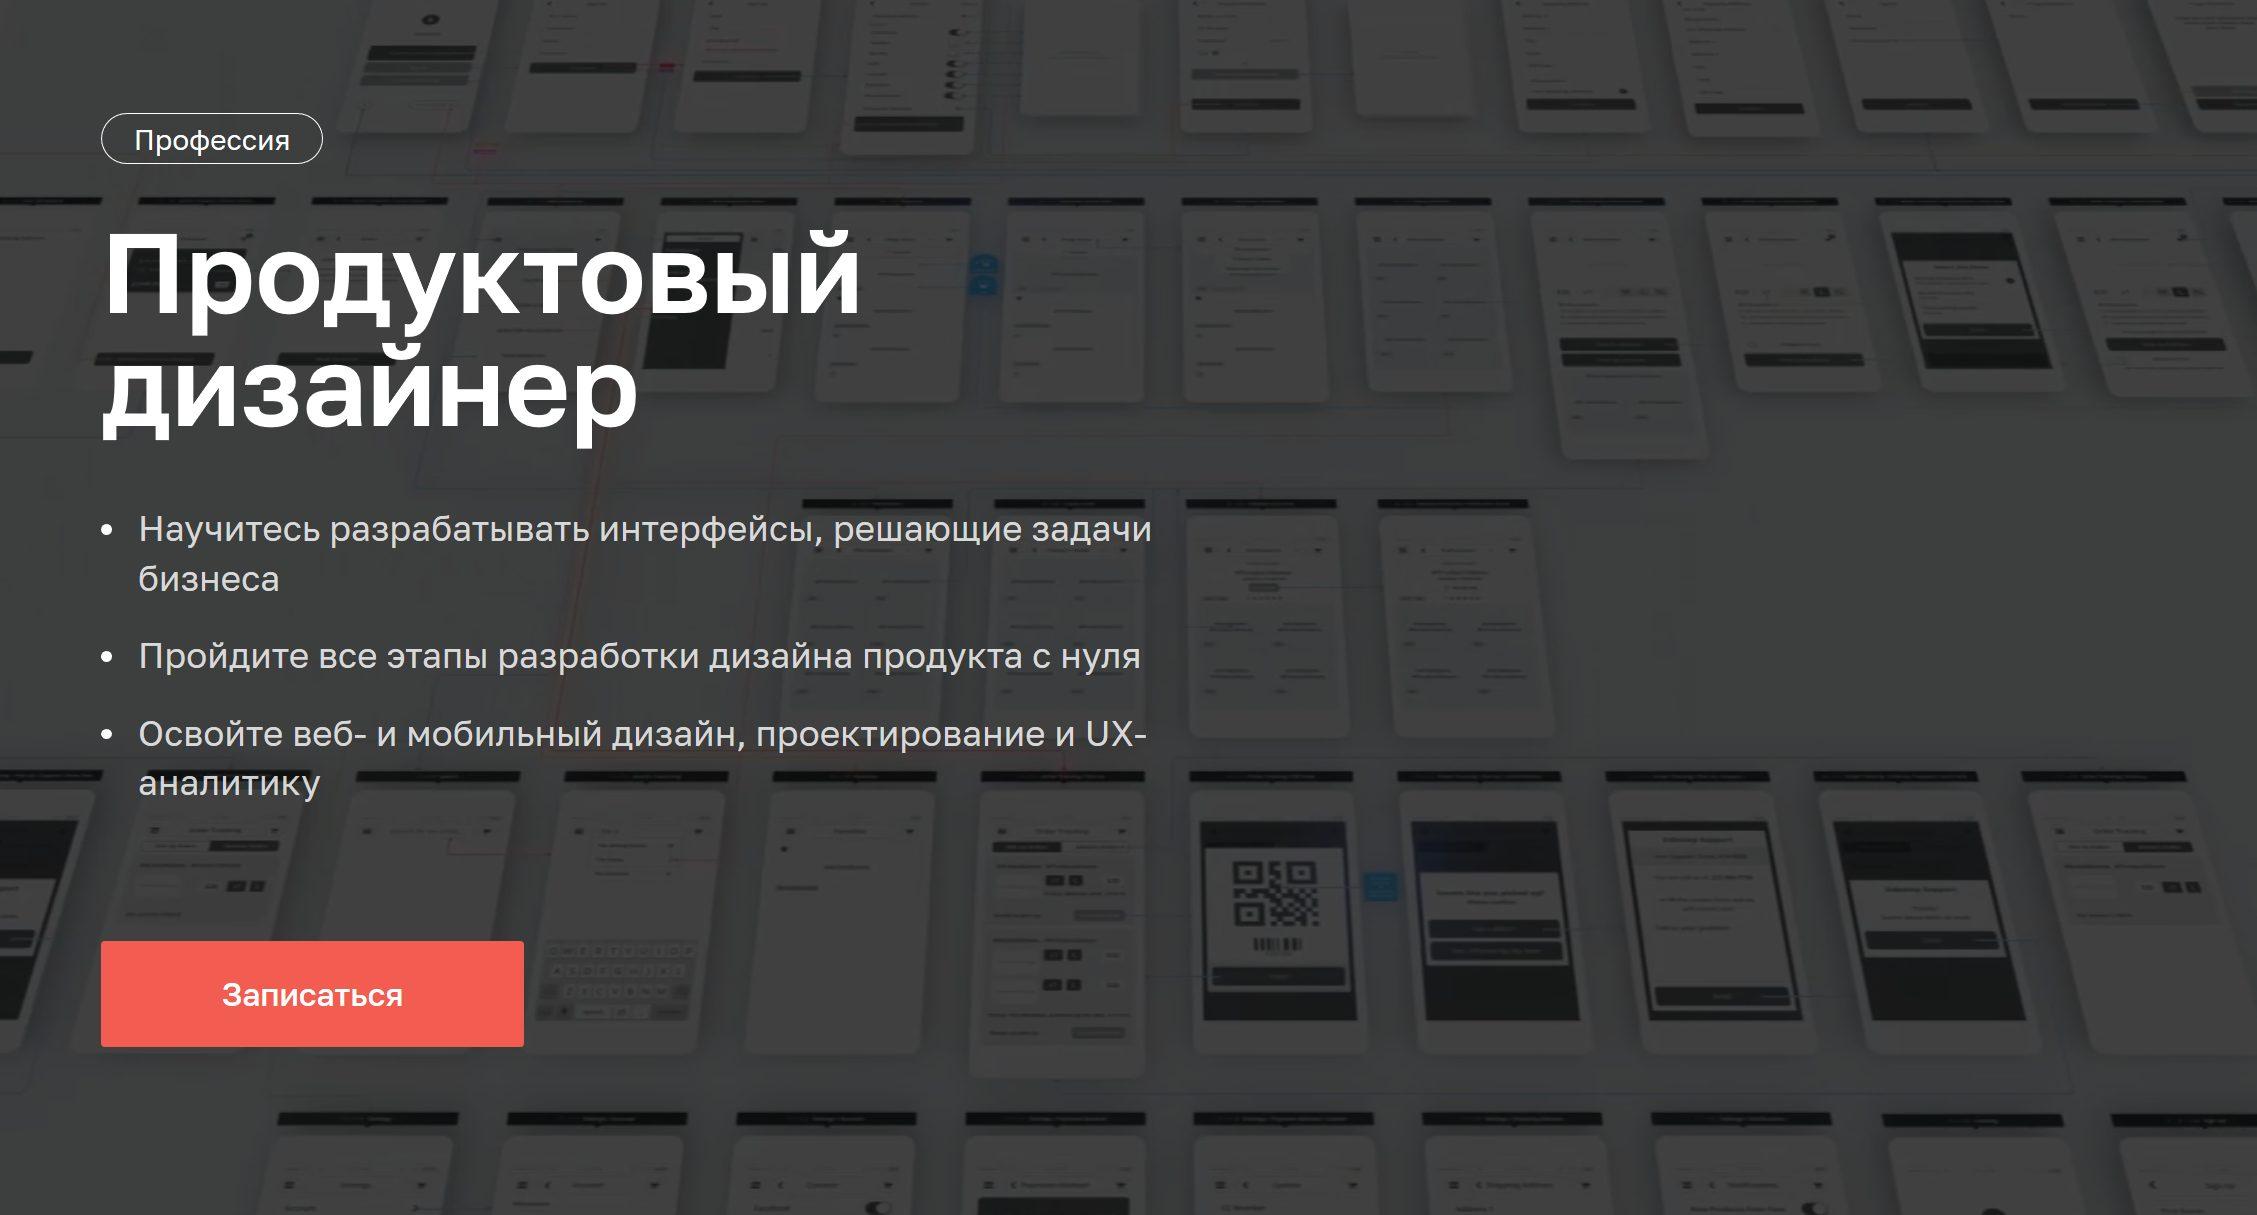 Курс Продуктовый дизайнер – обучение продуктовому дизайну онлайн